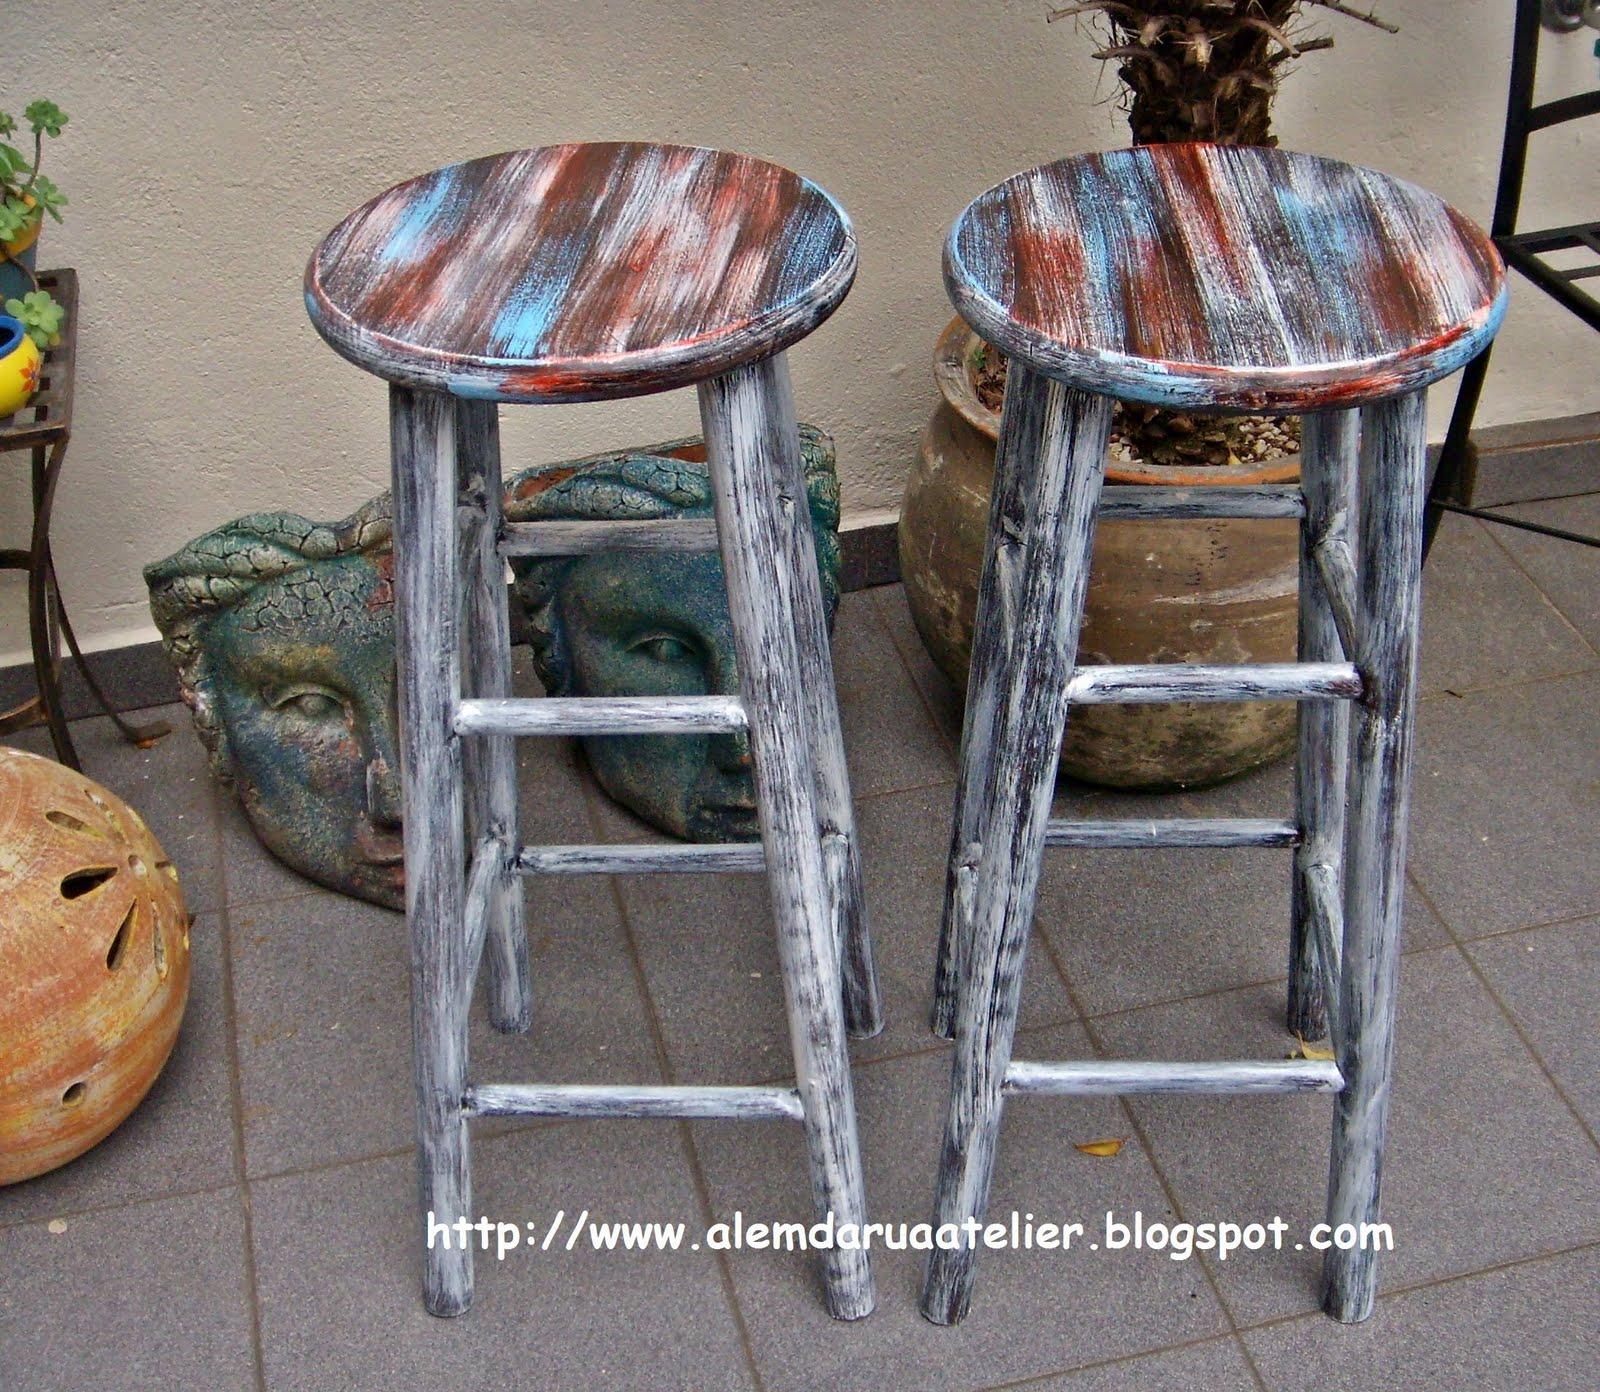 de móveis   pátina envelhecida em bancos de madeira3.JPG #4C687F 1600x1392